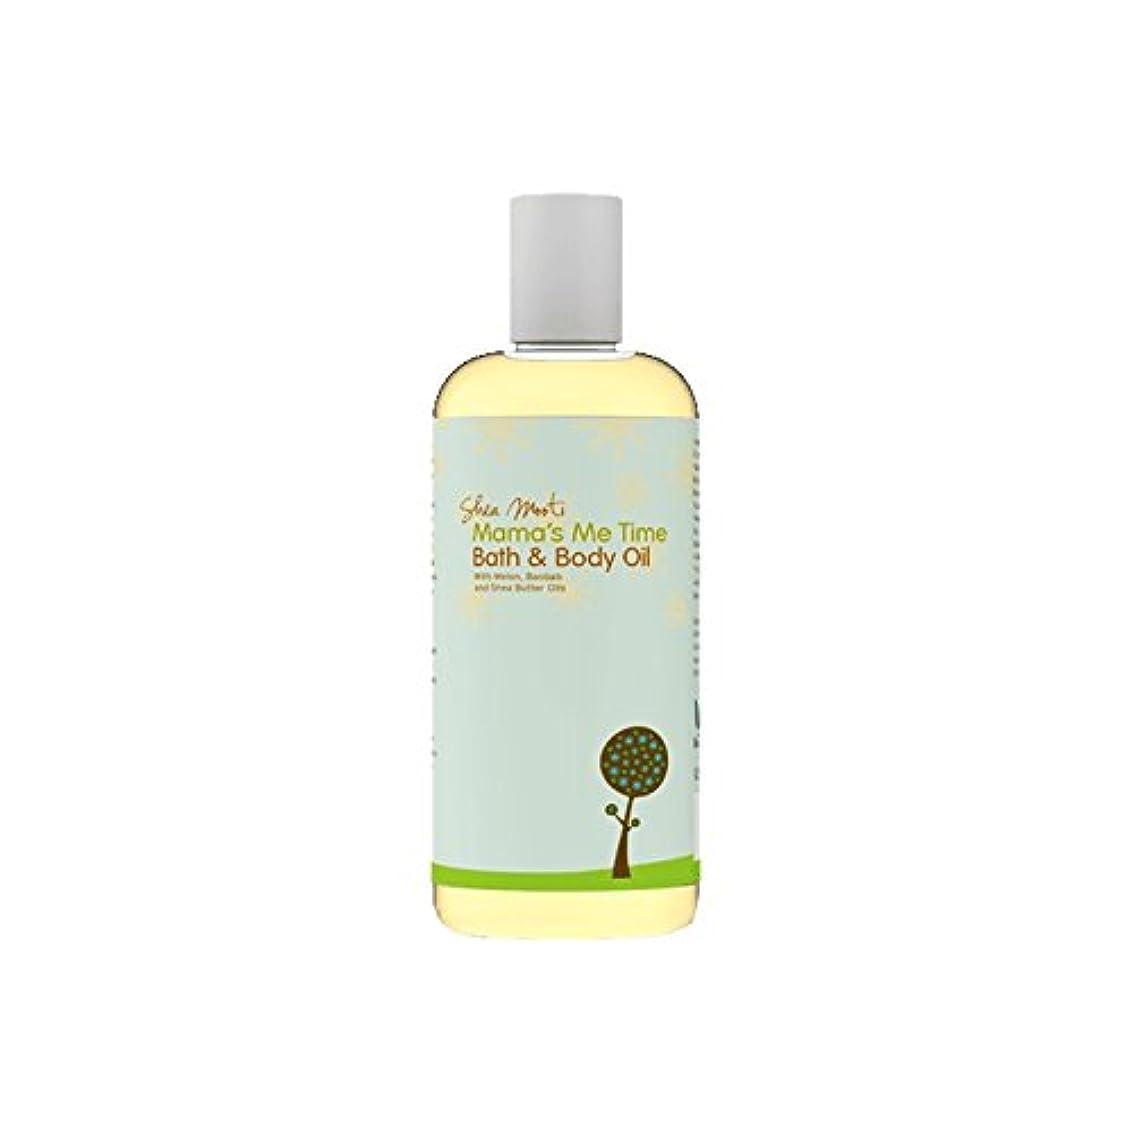 簿記係メタルライン腕Shea Mooti Mama's Me Time Bath and Body Oil 110g (Pack of 2) - シアバターMootiママの私の時間のバス、ボディオイル110グラム (x2) [並行輸入品]